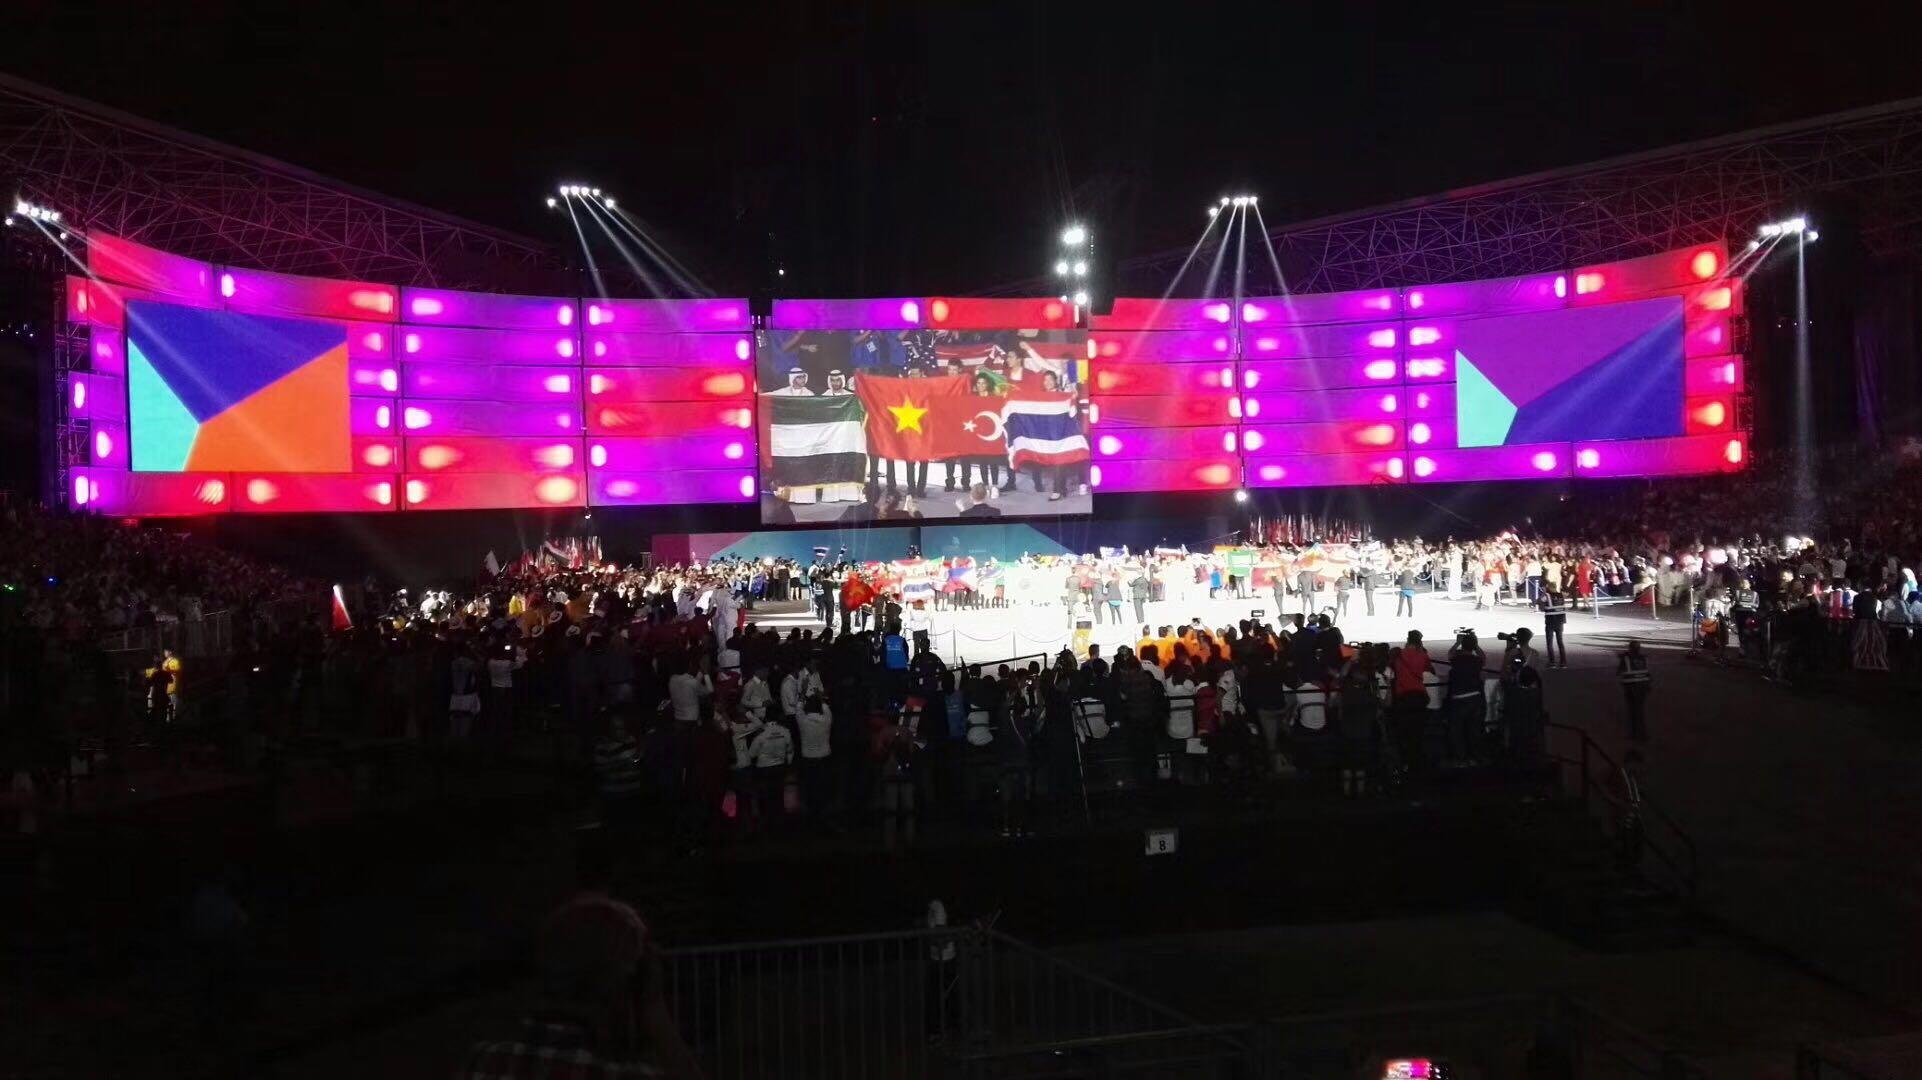 第44届世界技能大赛闭幕式现场-唯康教育见证信息网络布线赛项金牌